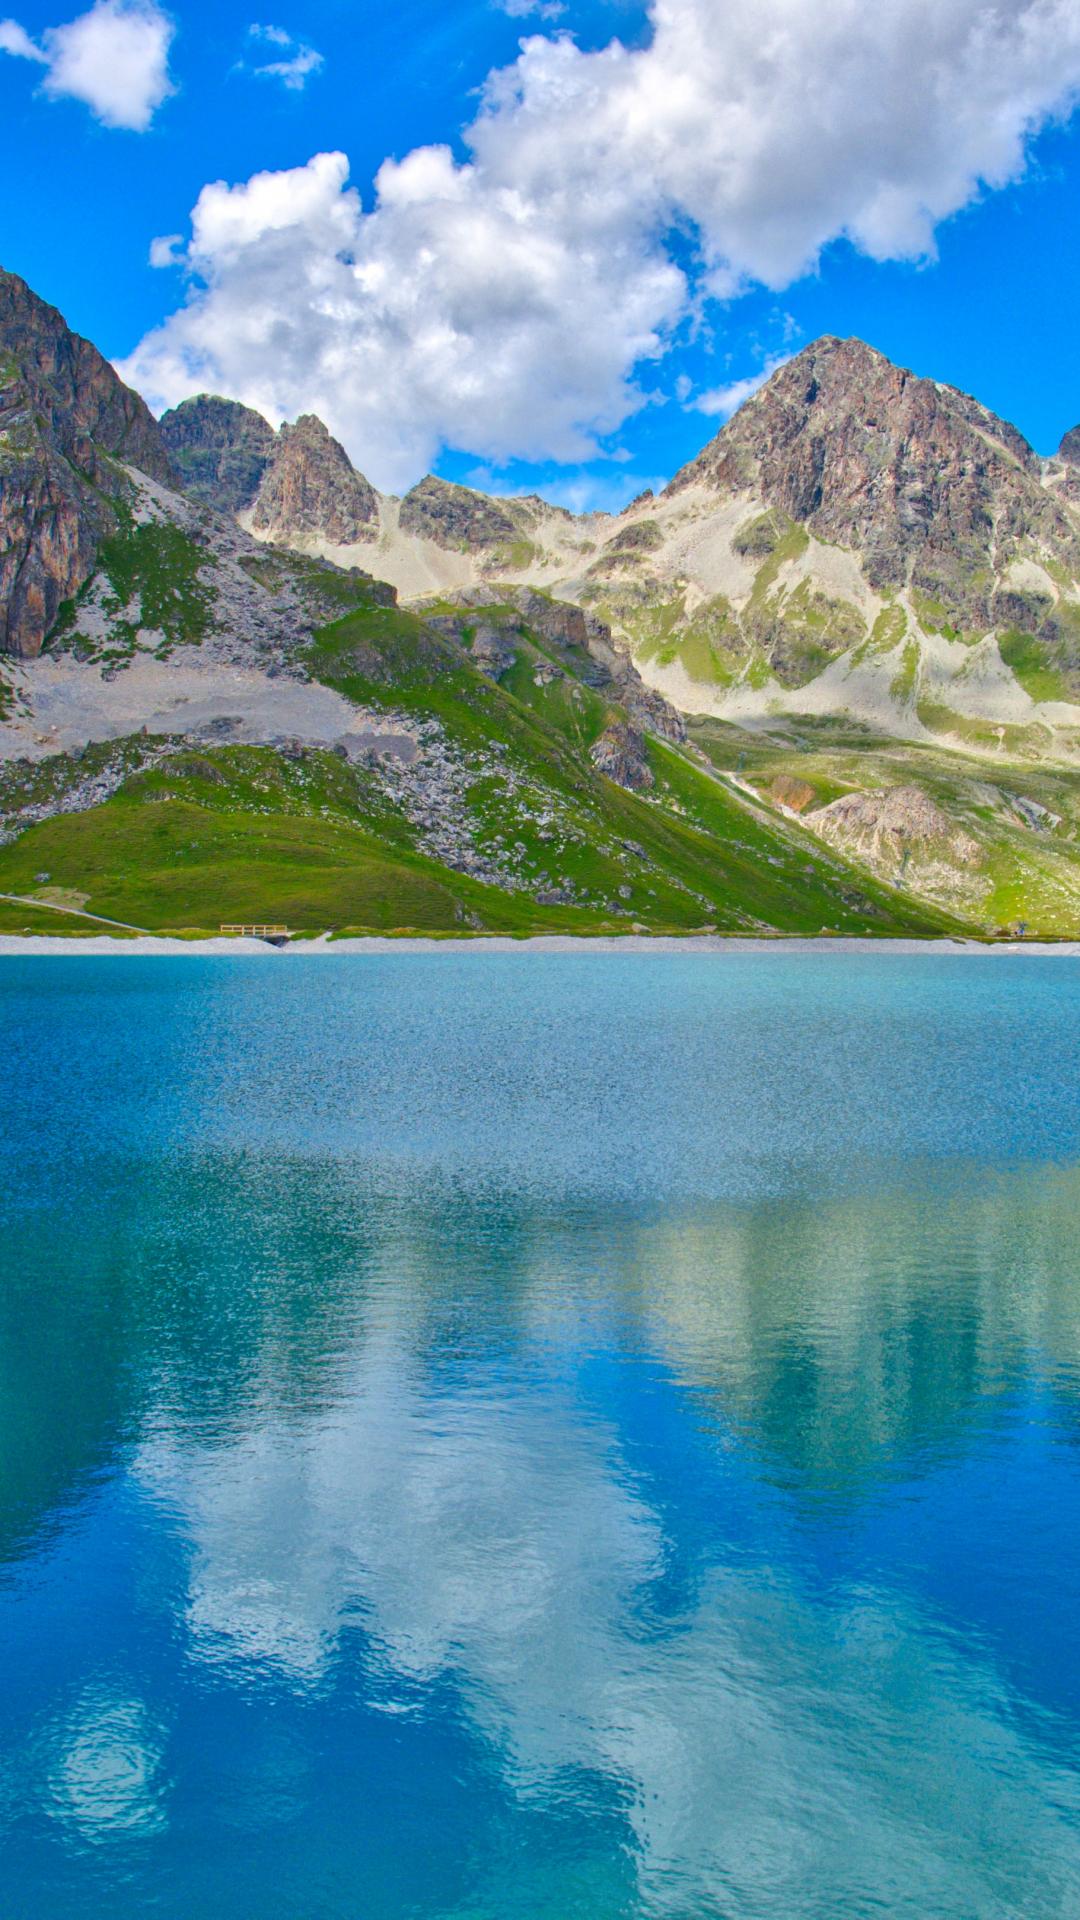 Mountain Lake iPhone Wallpaper